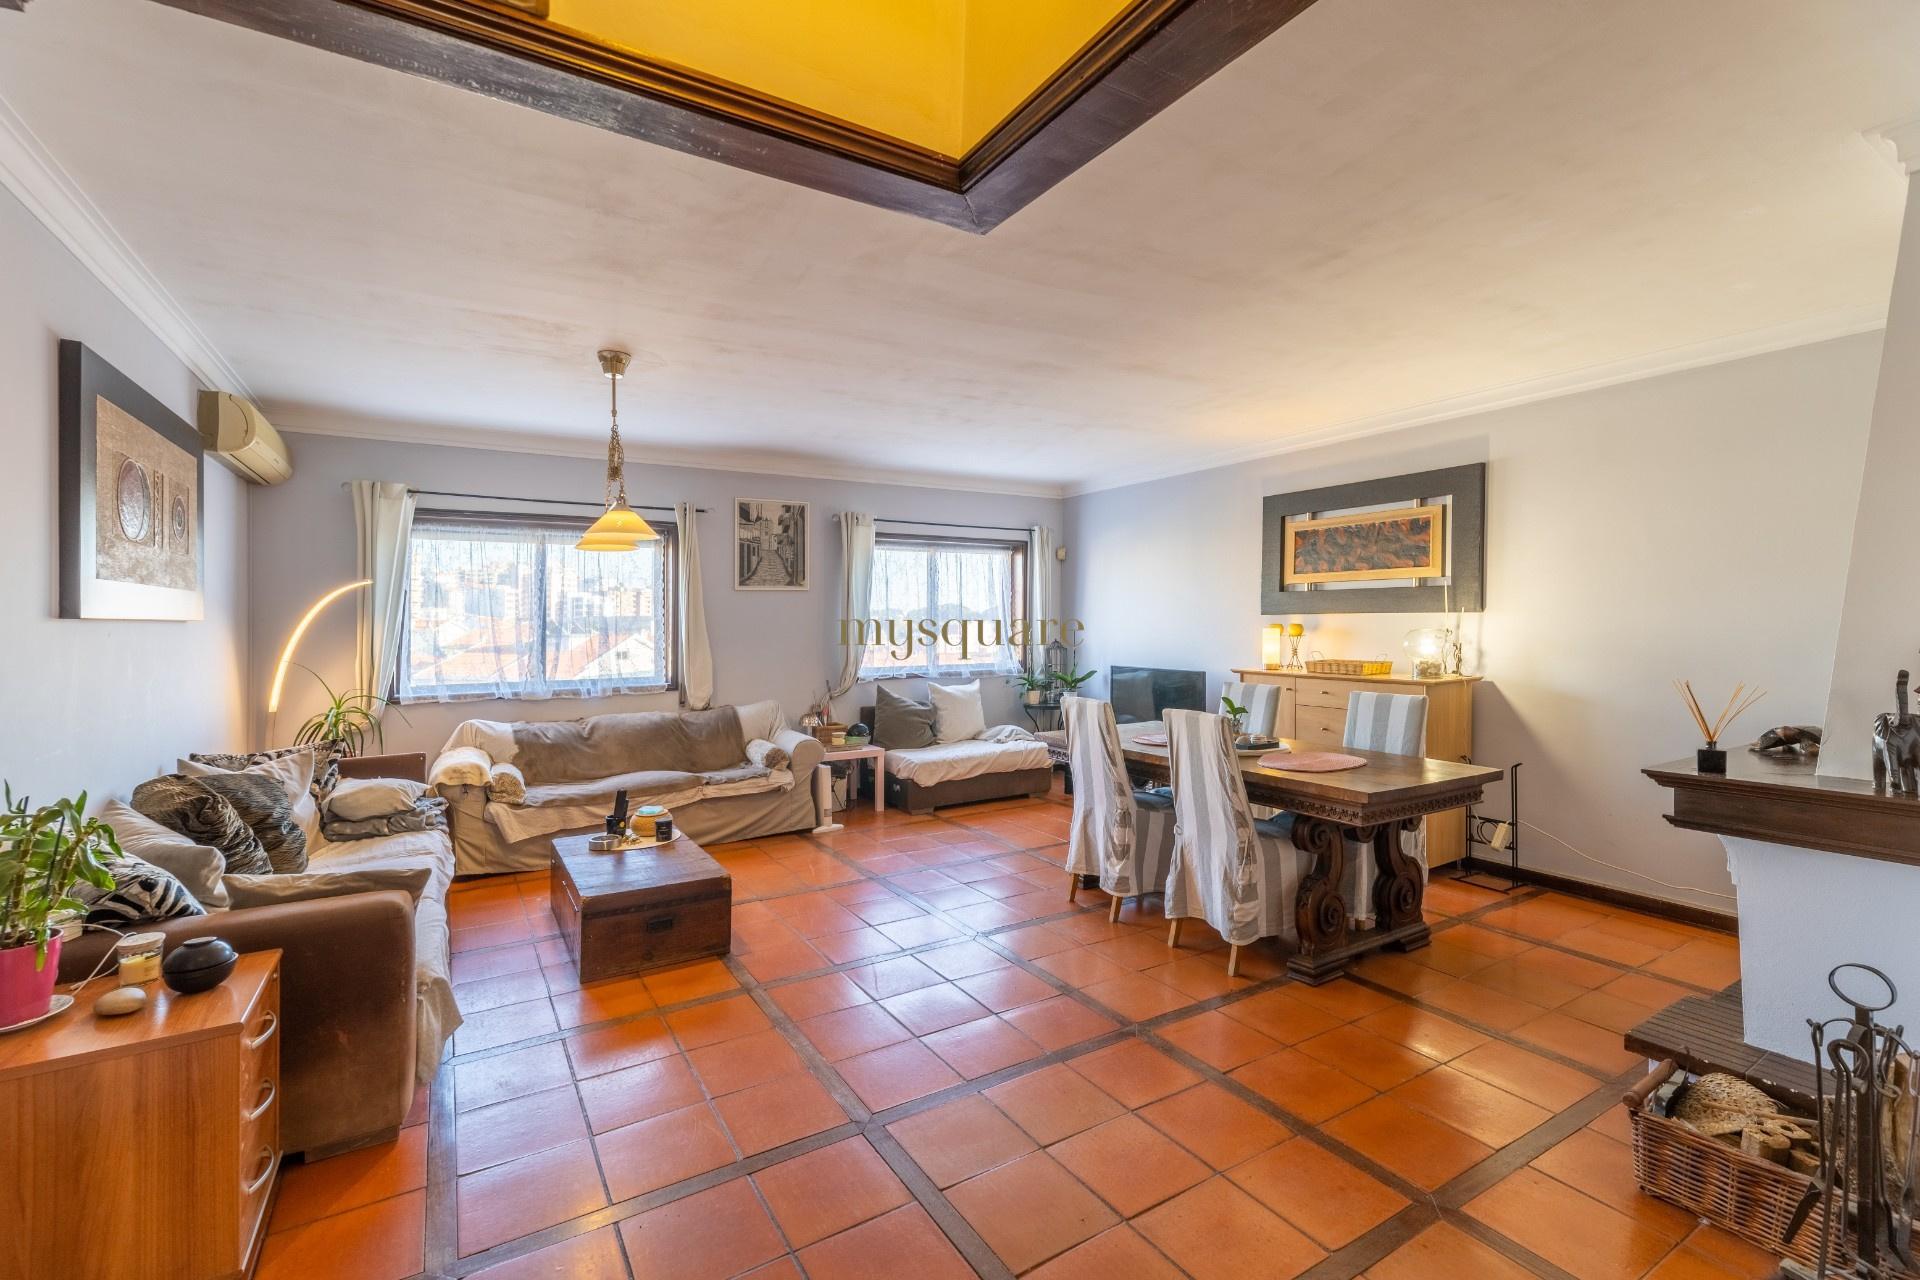 Apartamento T3+1 Duplex, 2 varandas, terraço e box para 2 carros - Mafamude, Gaia